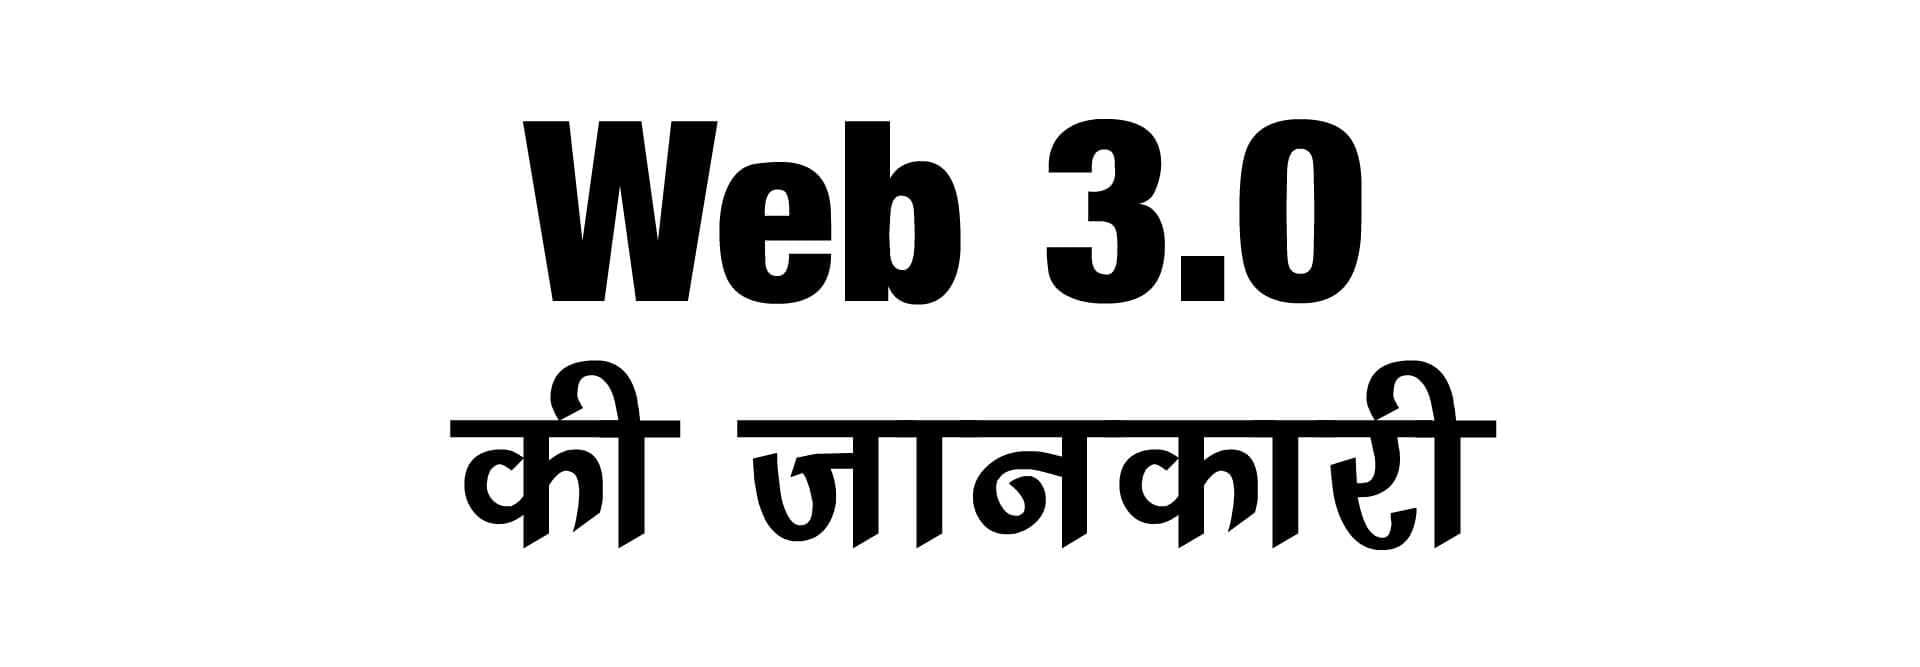 web 3.0 kya hai